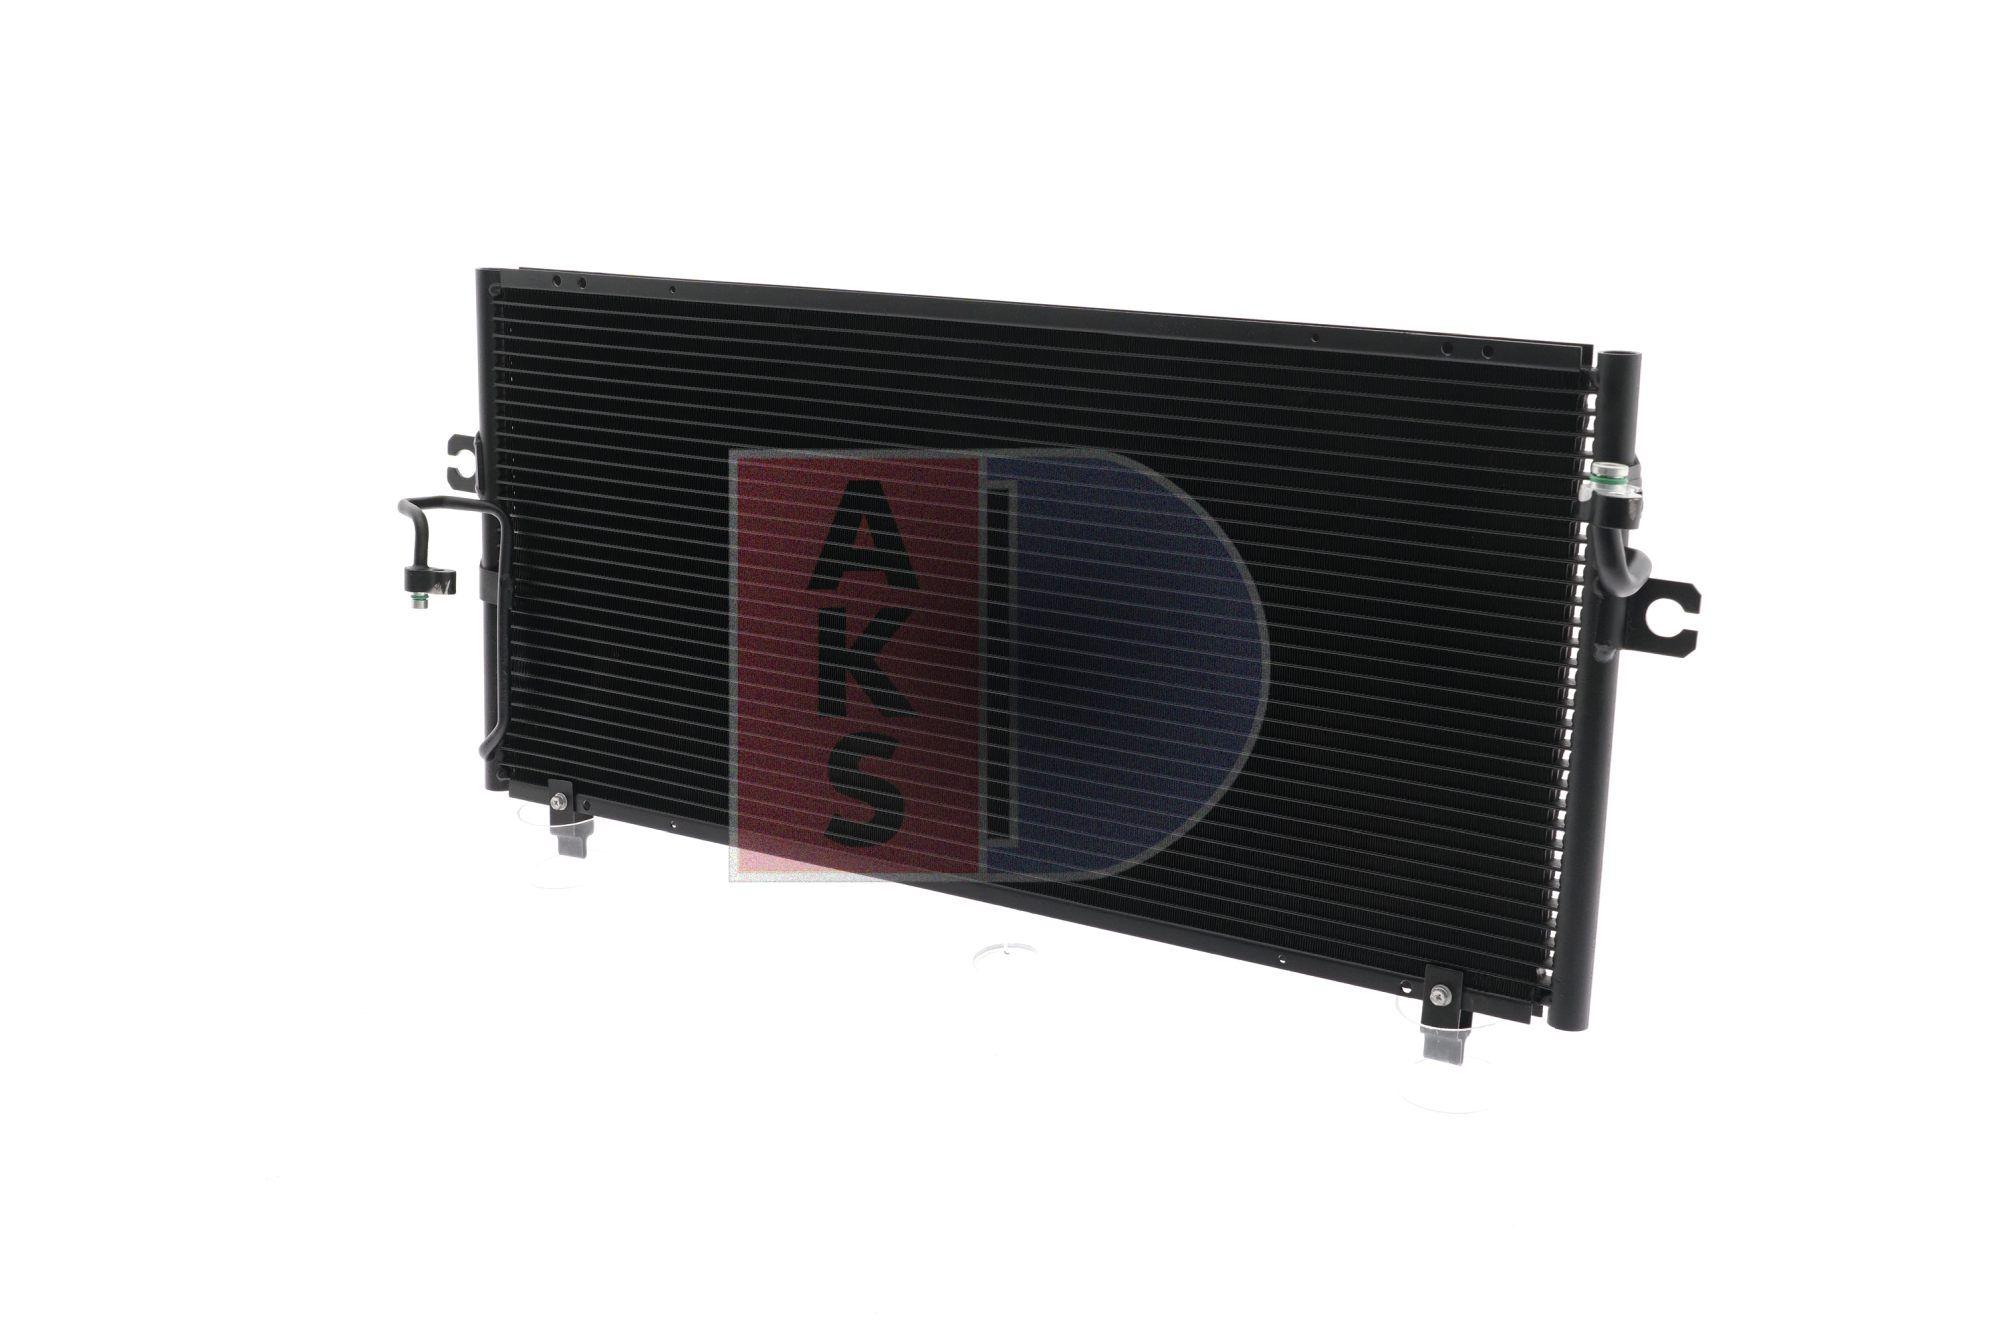 Kondensator Klimaanlage AKS DASIS 072420N Erfahrung